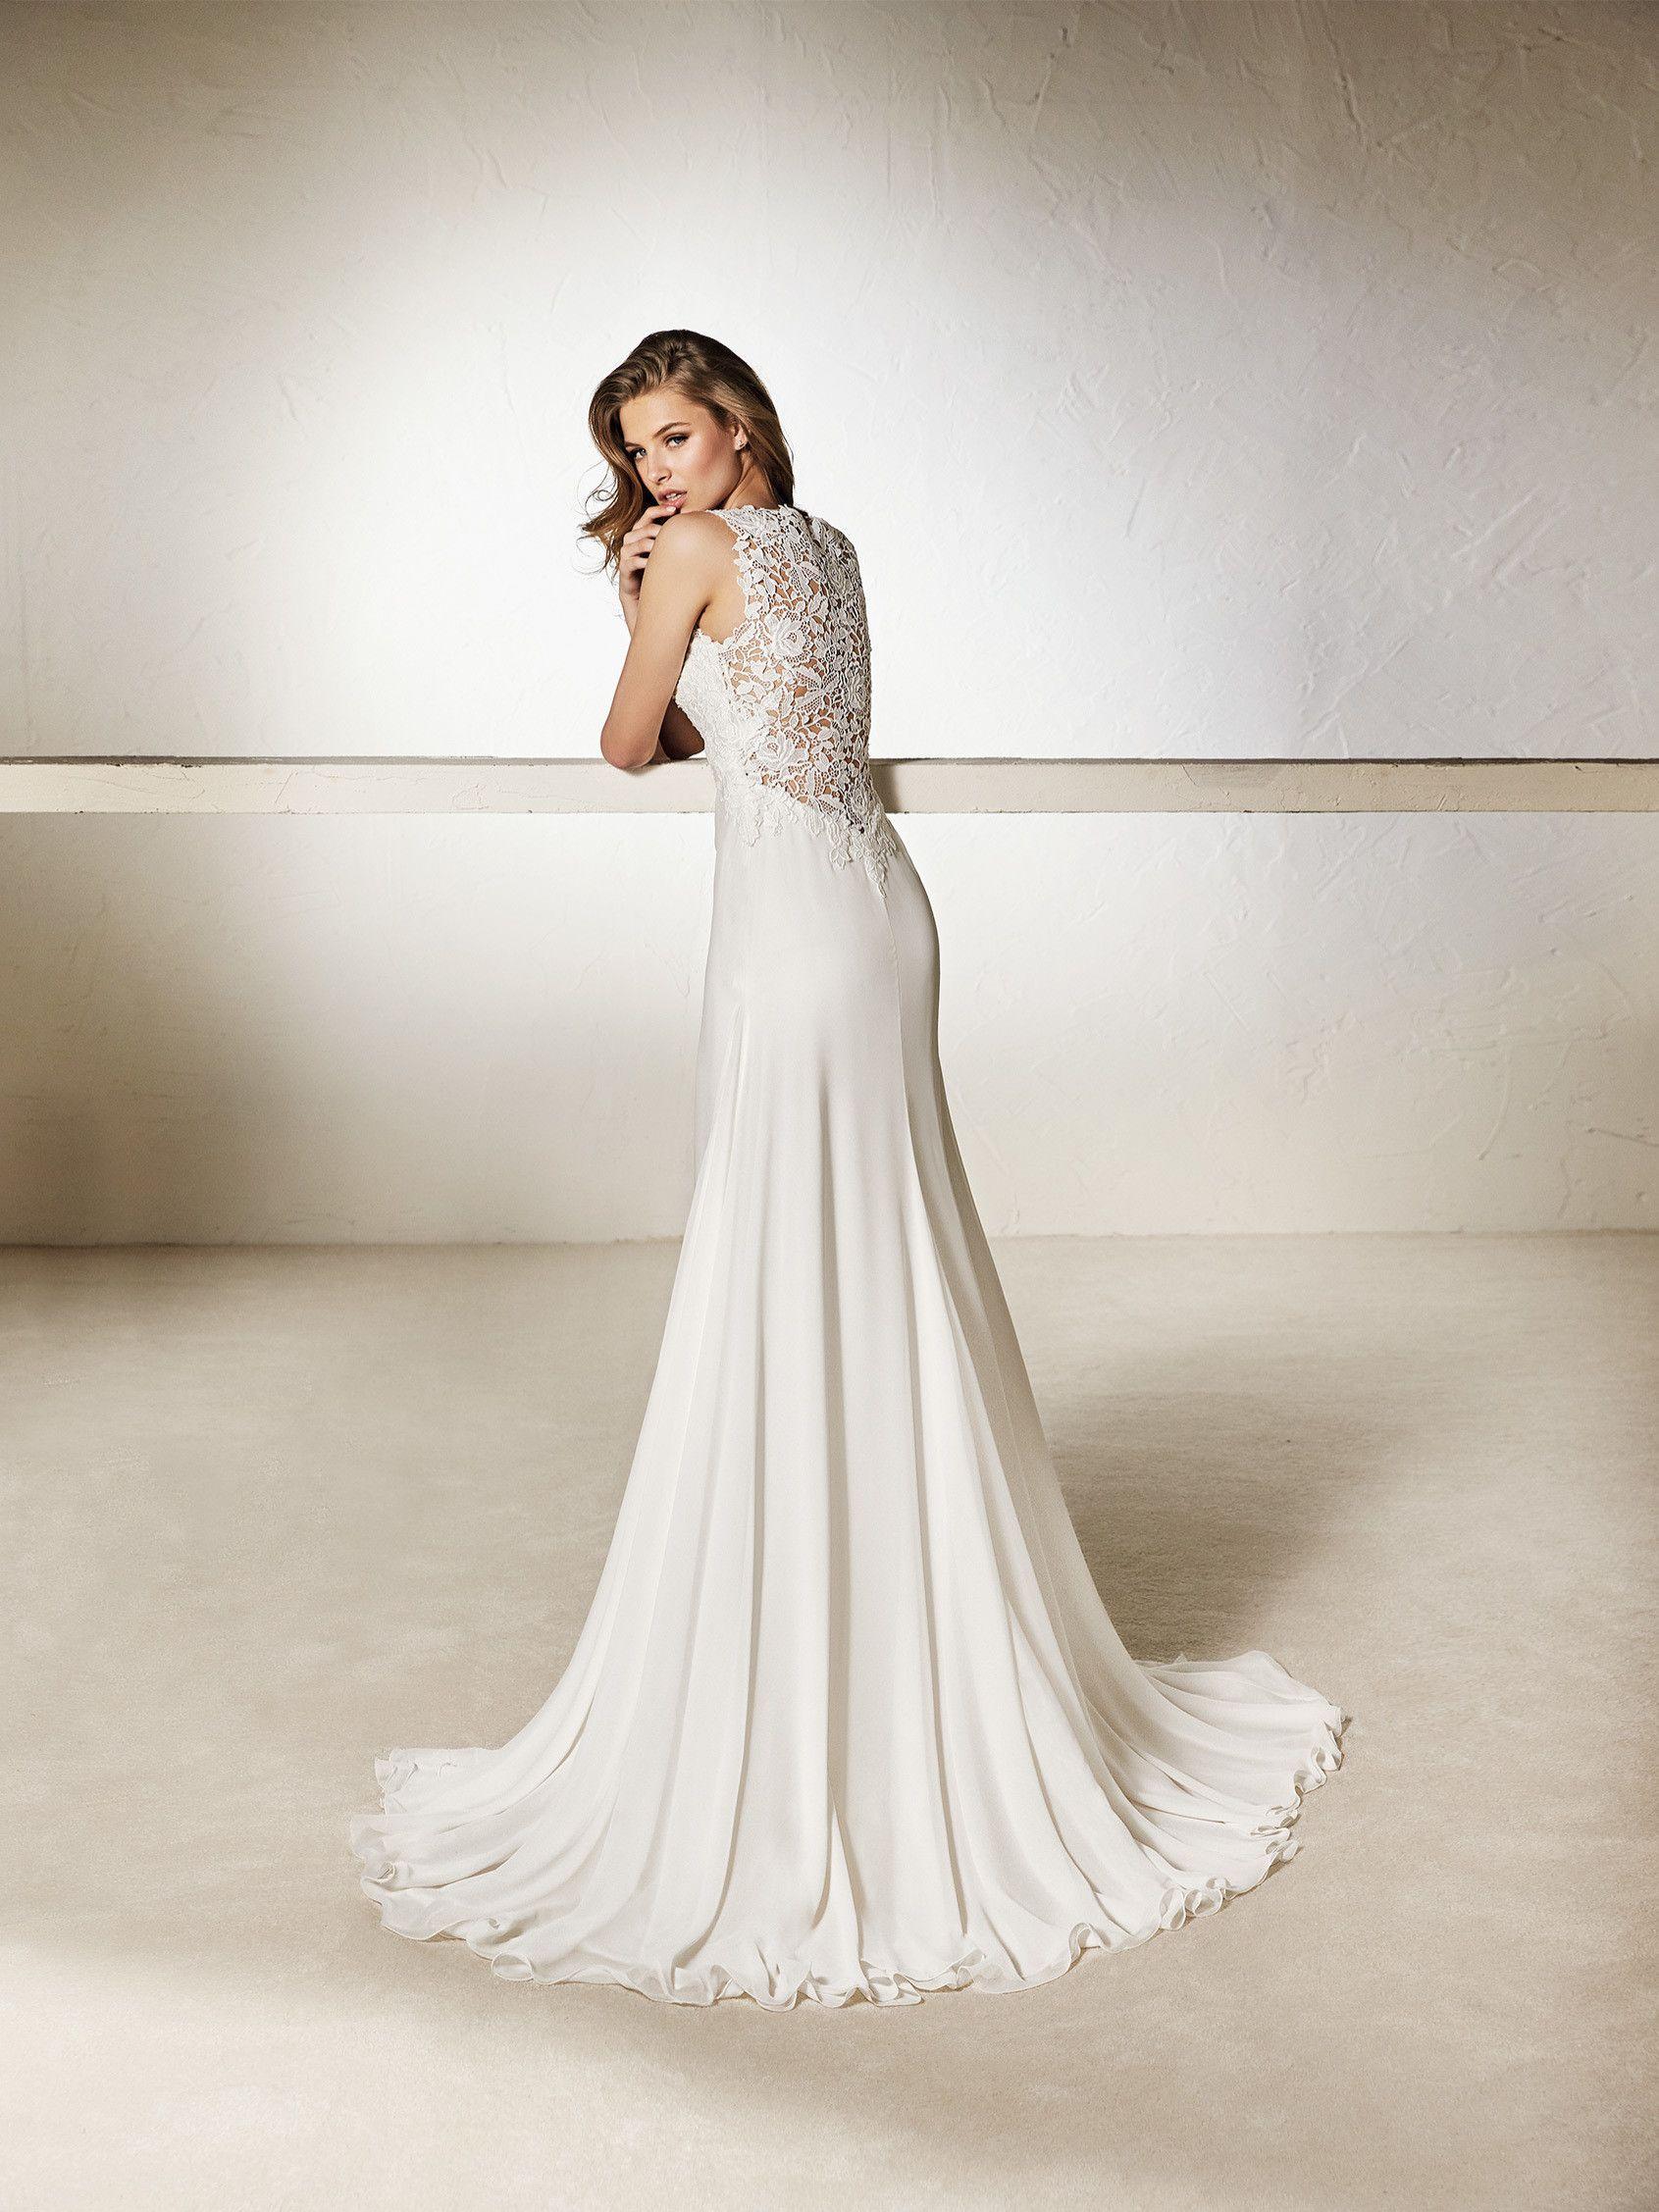 CHALICE - Salon Emma   Wedding dresses - Hääpuvut ja unelmat ...